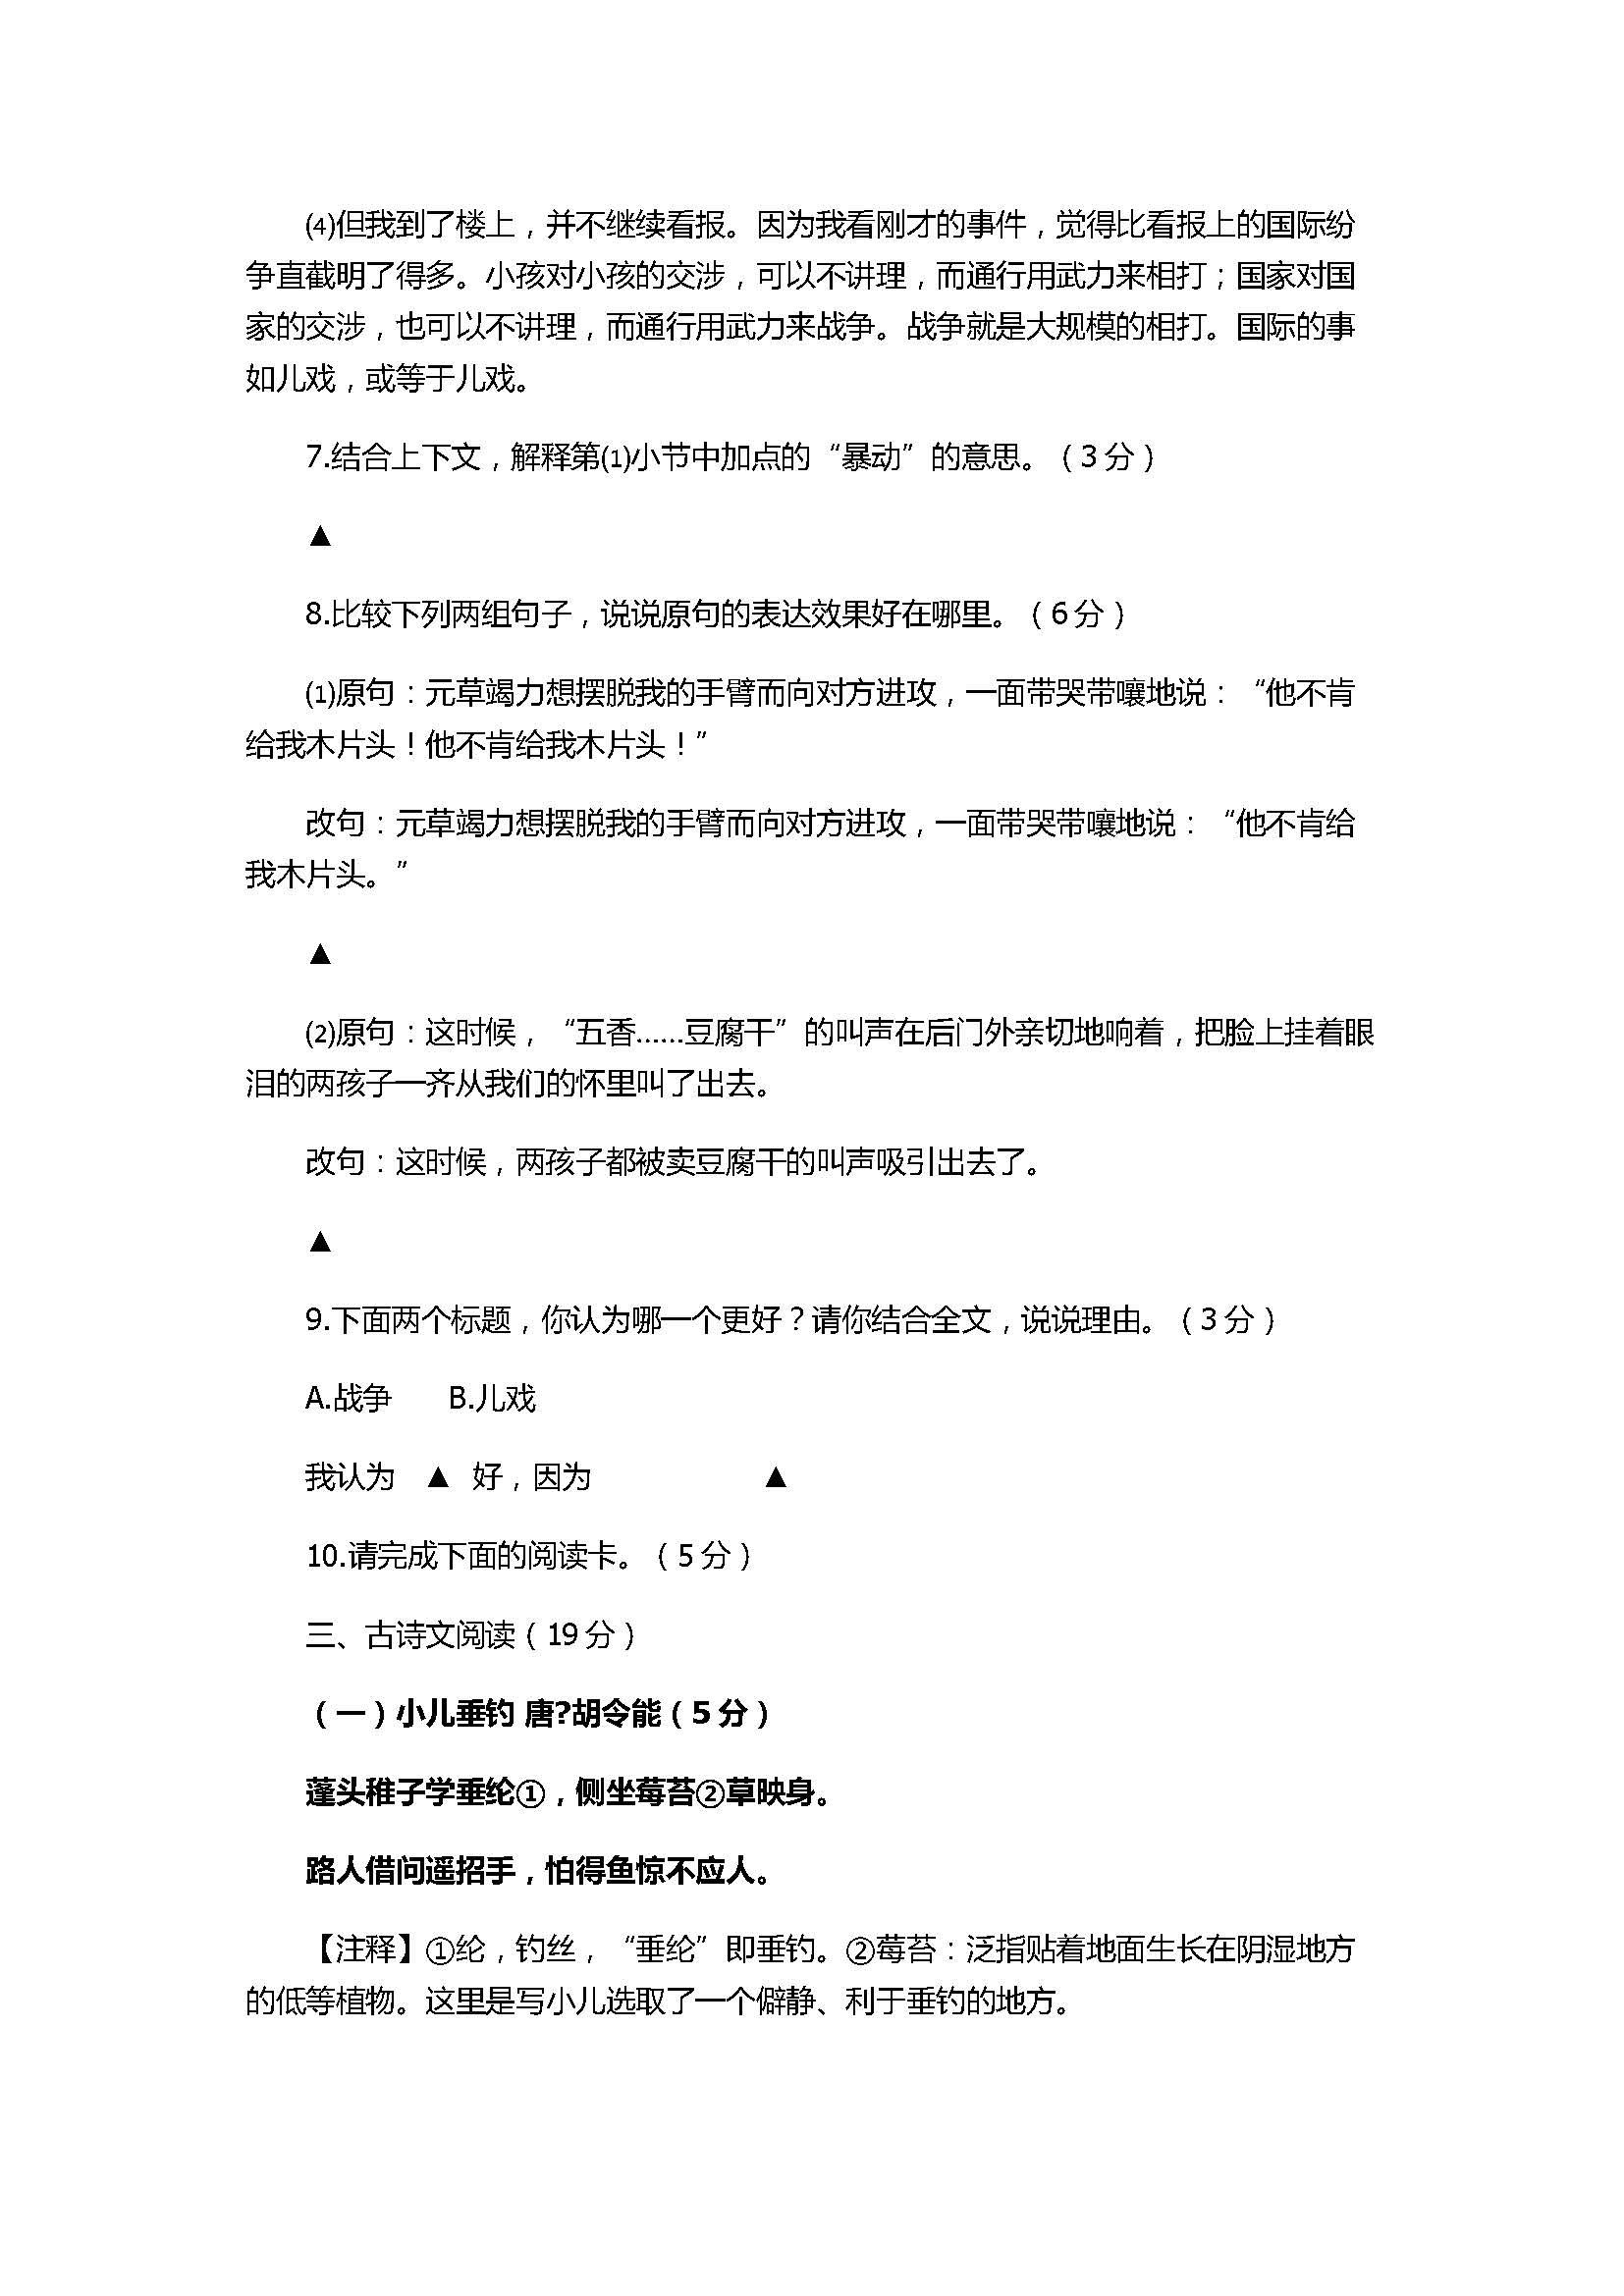 语文卷子图片